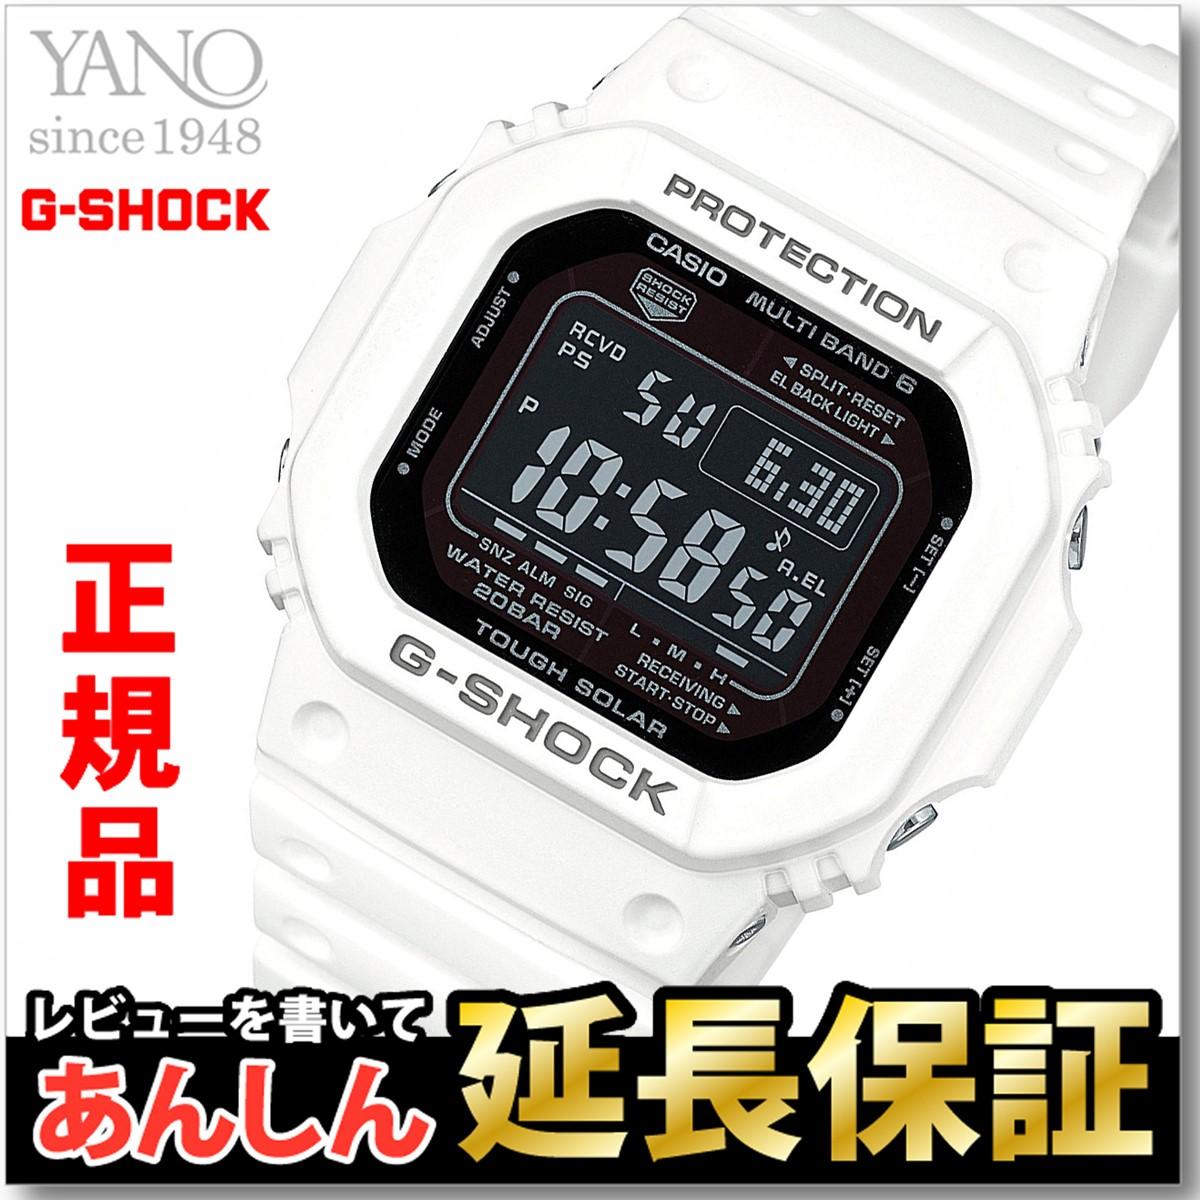 カシオ Gショック GW-M5610MD-7JF 電波 ソーラー 電波時計 腕時計 メンズ CASIO G-SHOCK GW-M5610【正規品】【店頭受取対応商品】